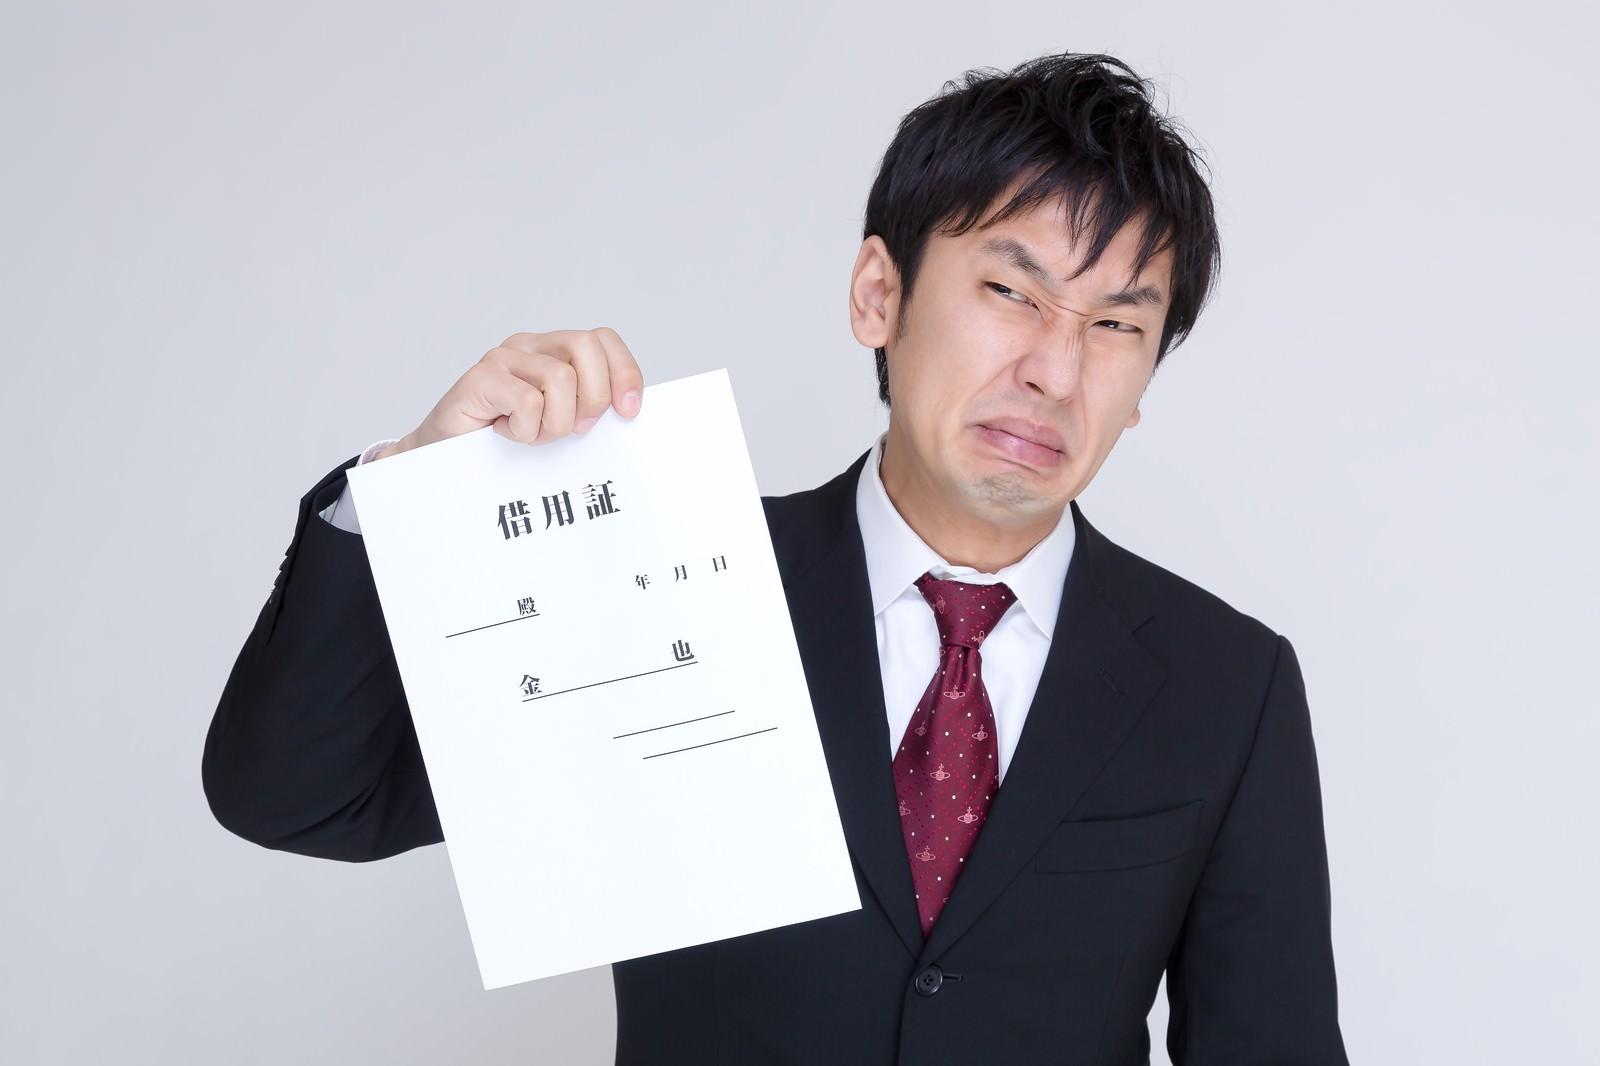 「簡素な借用証を提示して墓穴を掘る男性」の写真[モデル:大川竜弥]